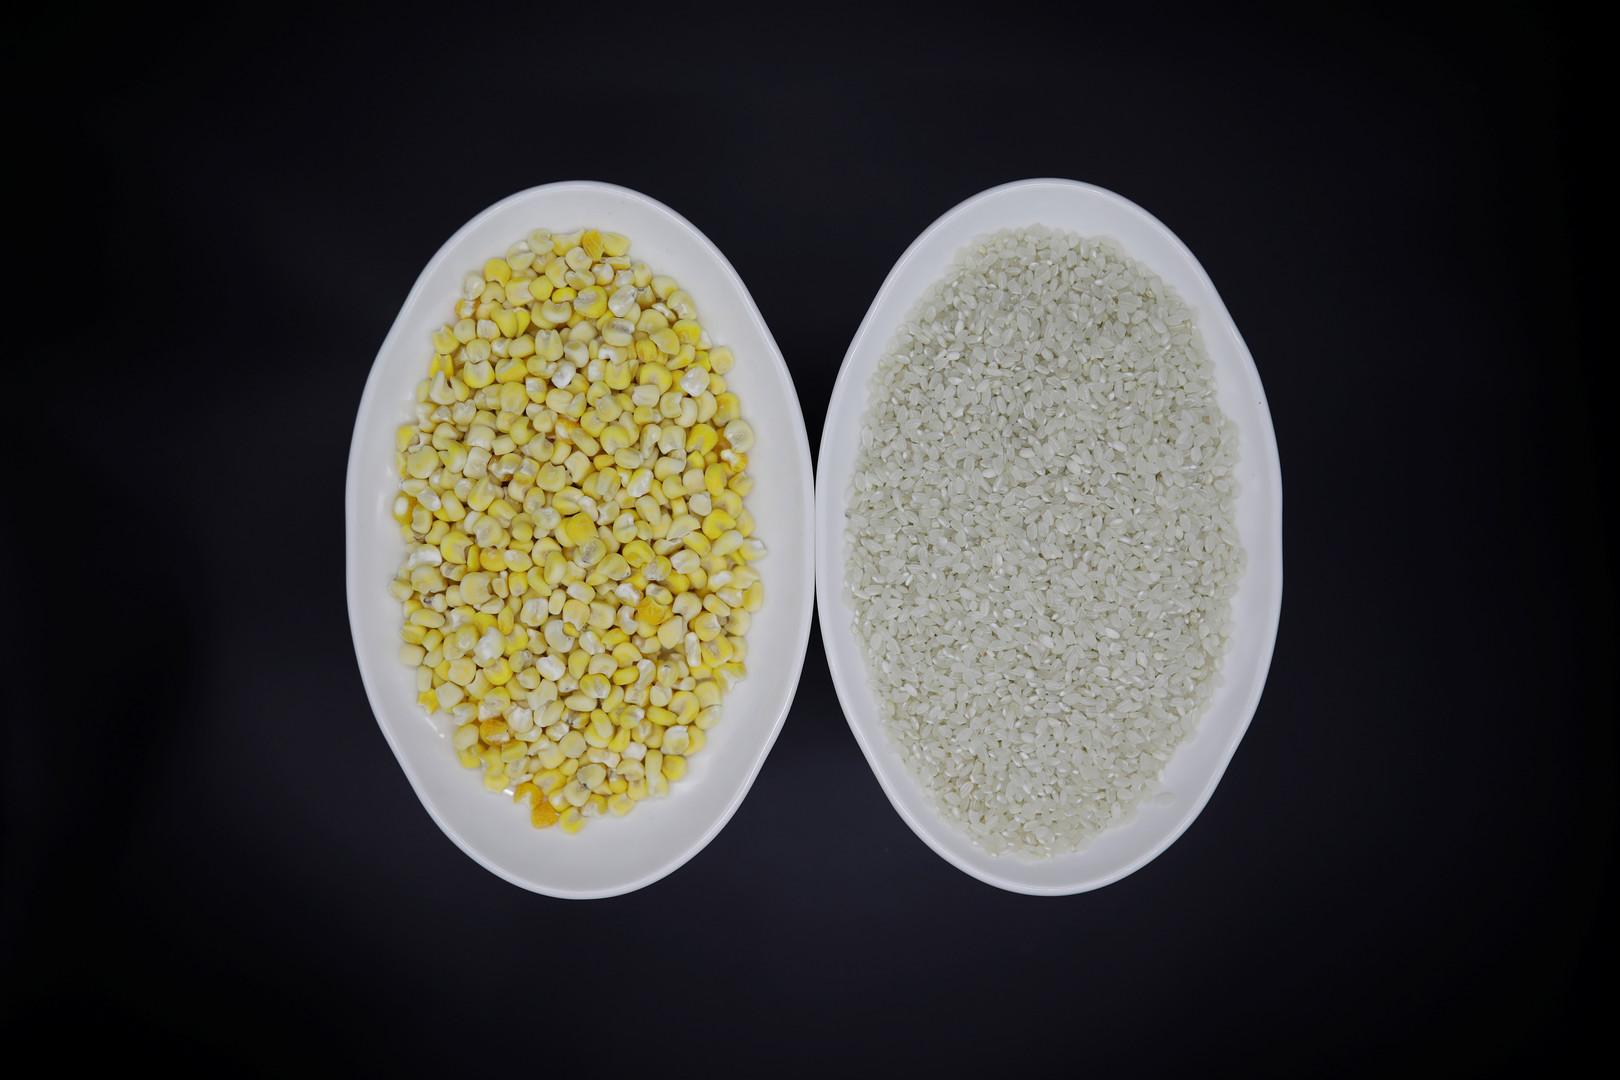 Oft wird in Nordkorea Mais statt Reis verzehrt, da dieser kostengünstiger ist.